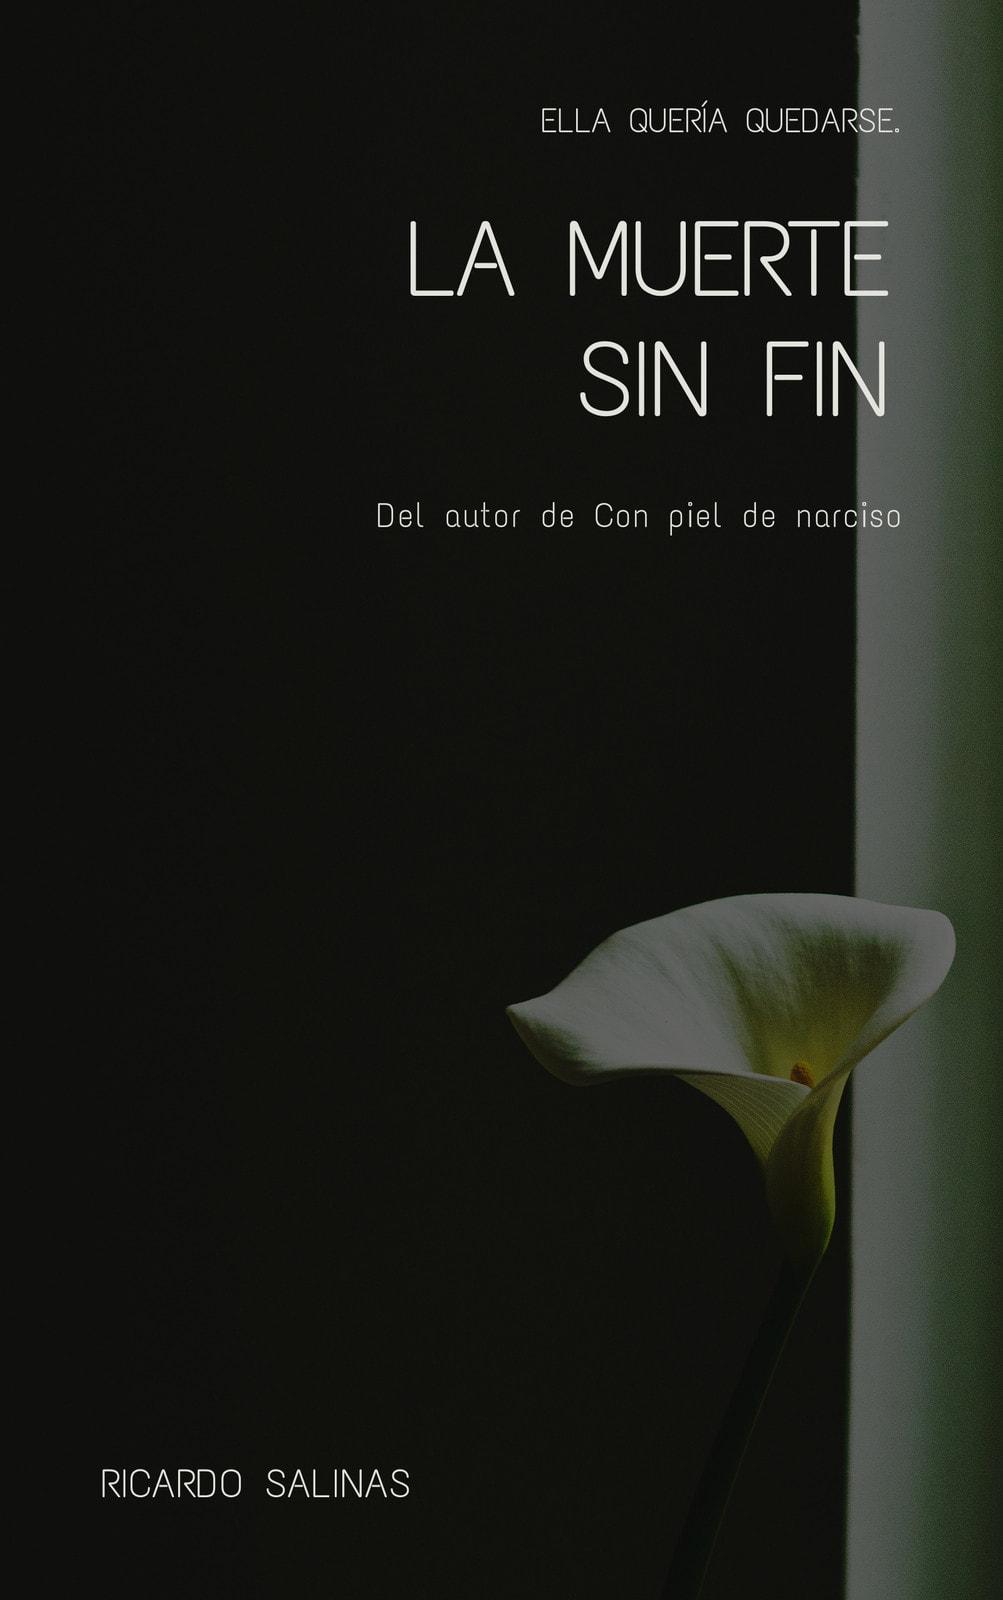 Foto Flor Novela Kindle Tapa de Libro